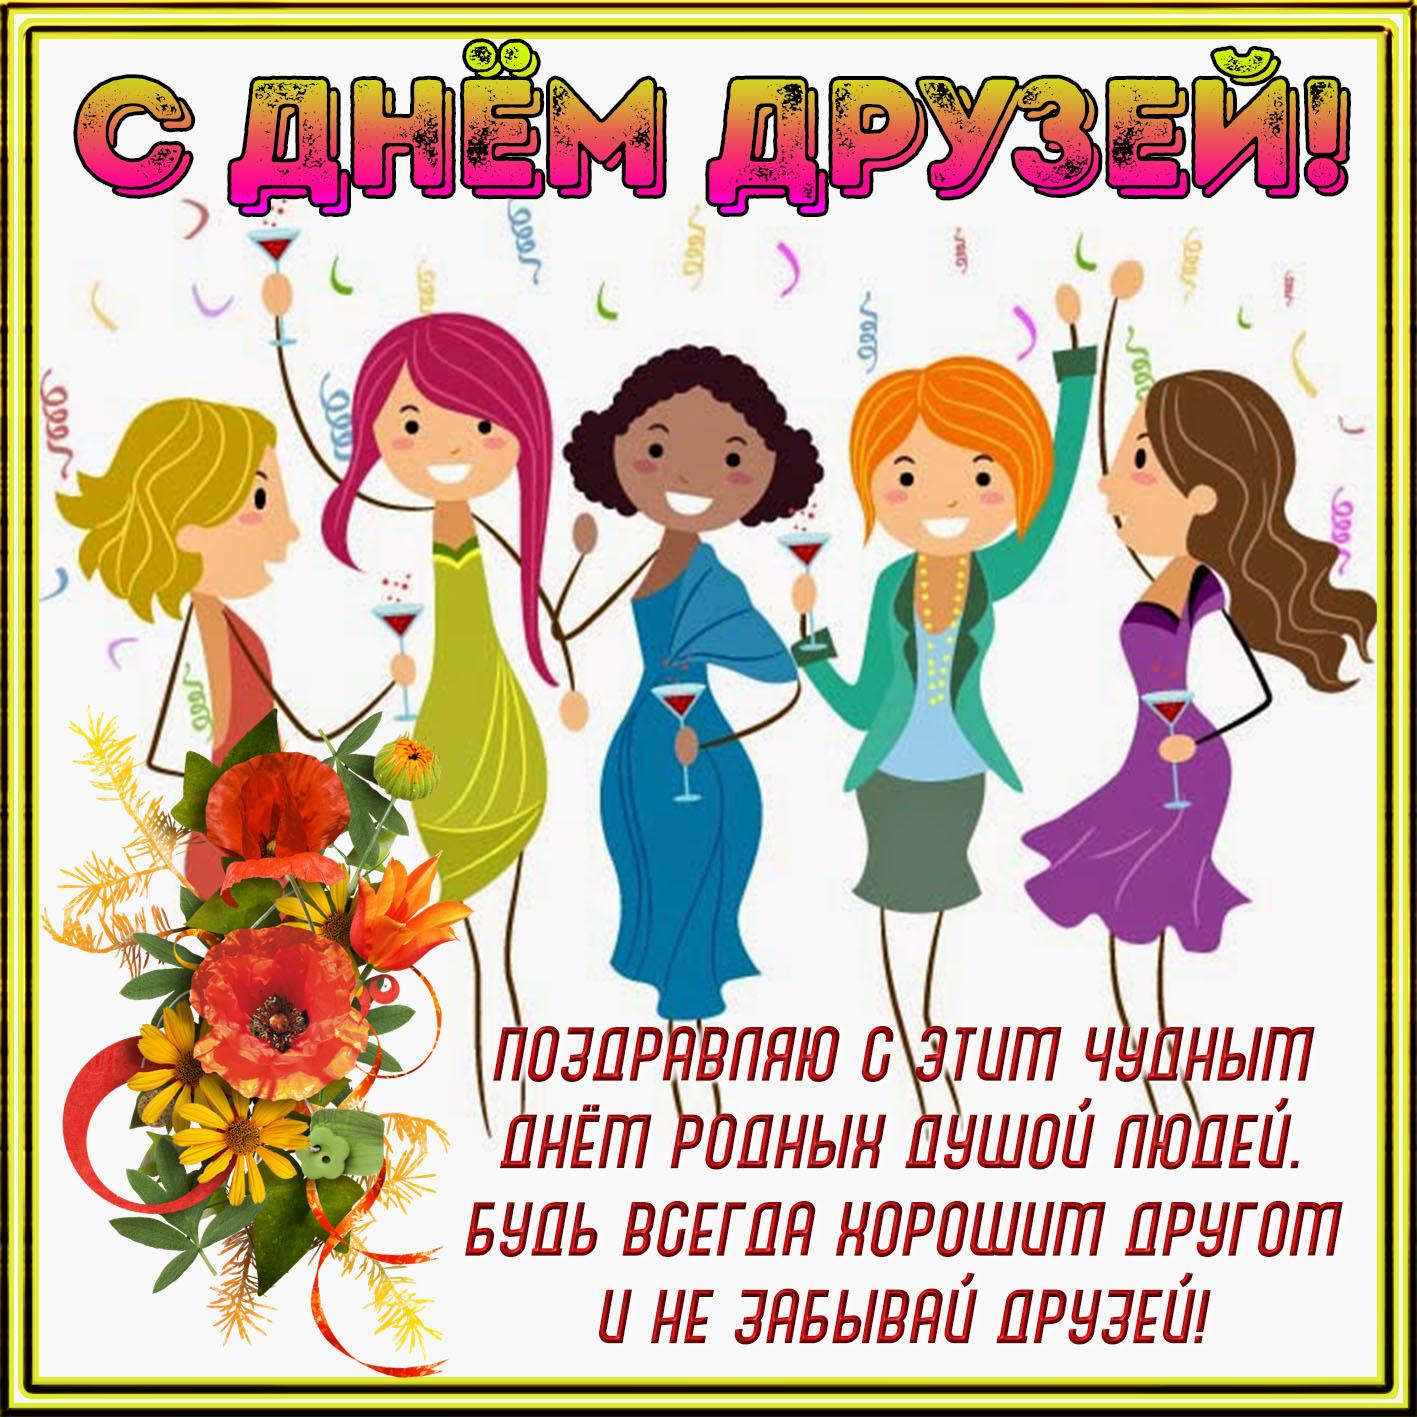 Картинка на День друзей с весёлыми подругами